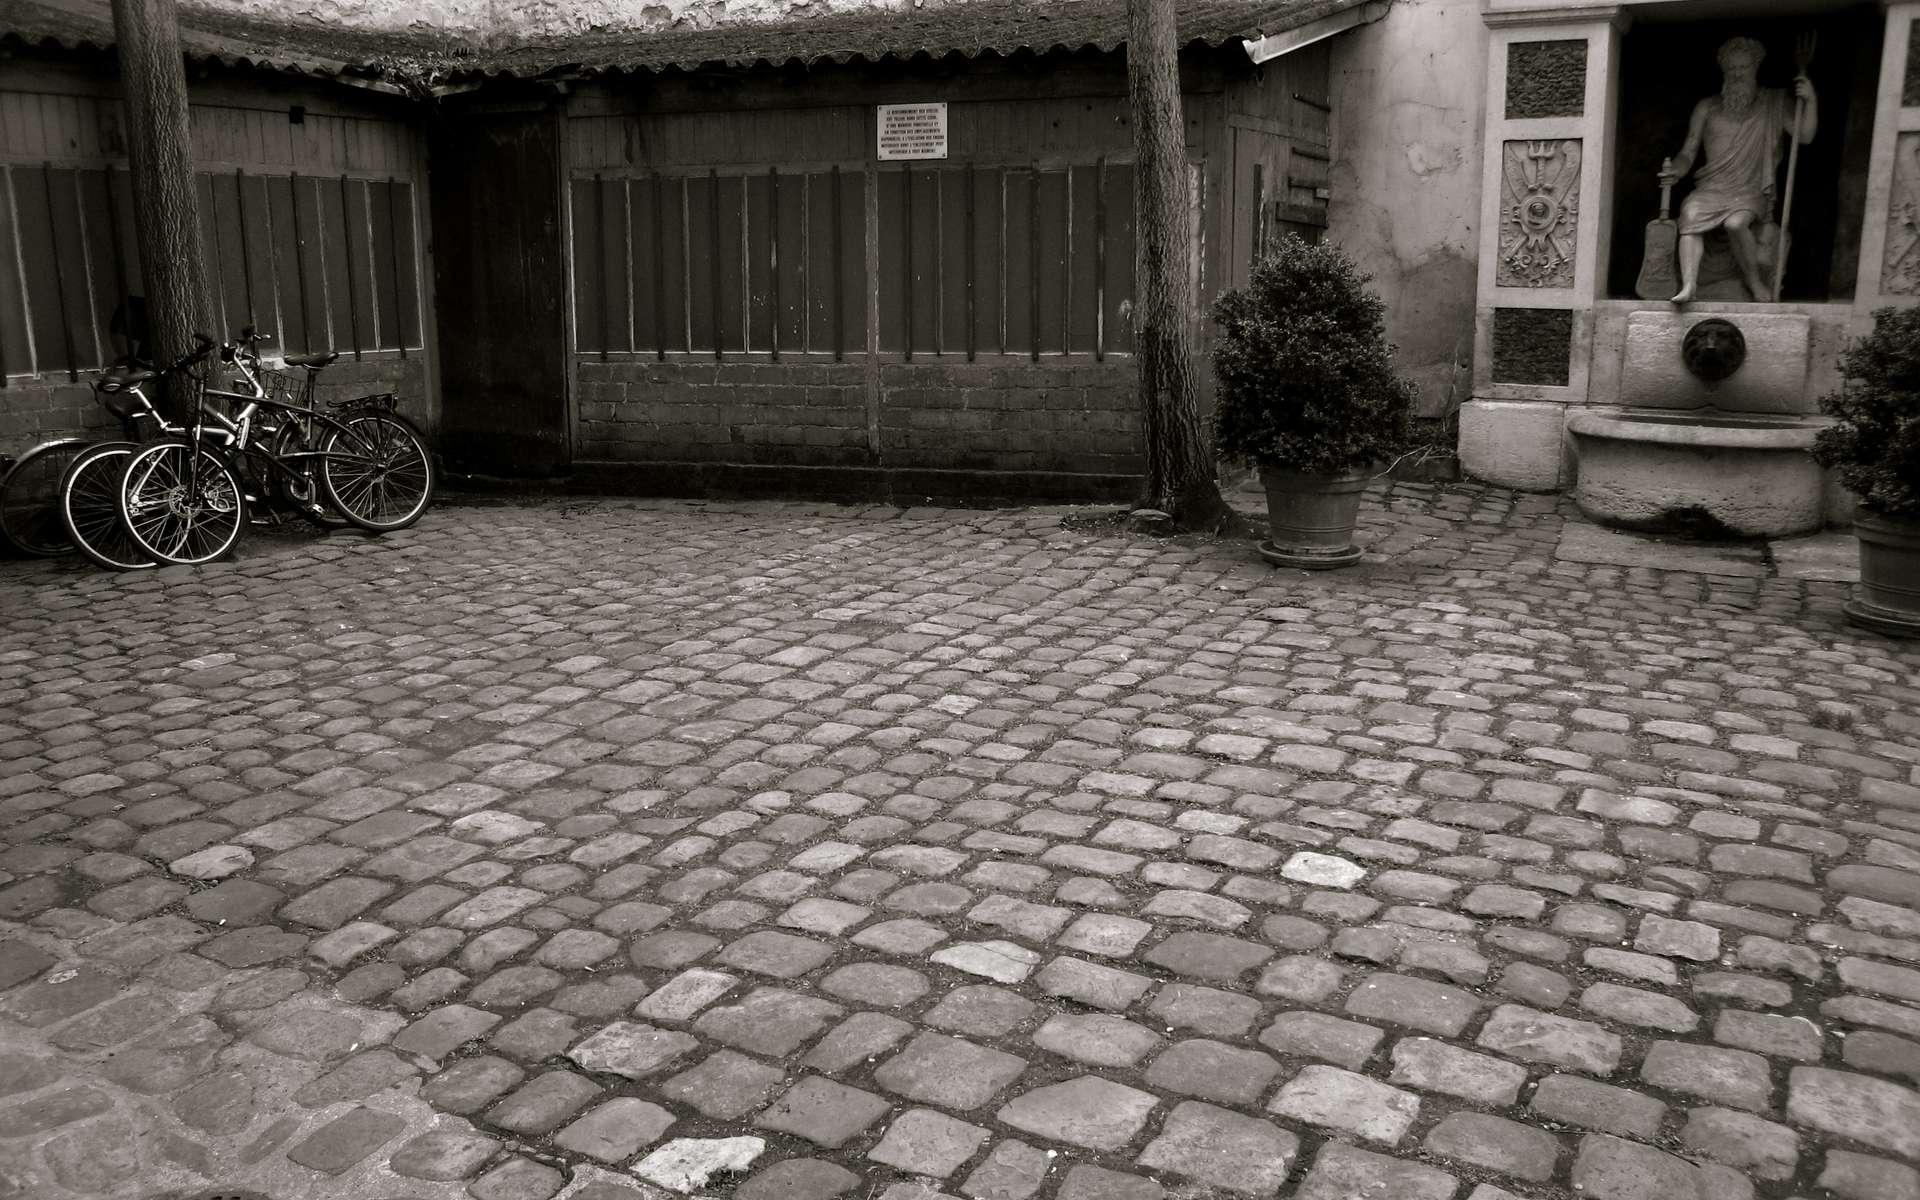 Le siphon de cour (situé en bas à gauche sur la photographie) permet à l'eau de s'écouler et d'être évacuée. © john-aïves-1946, CC BY-NC-ND 2.0,